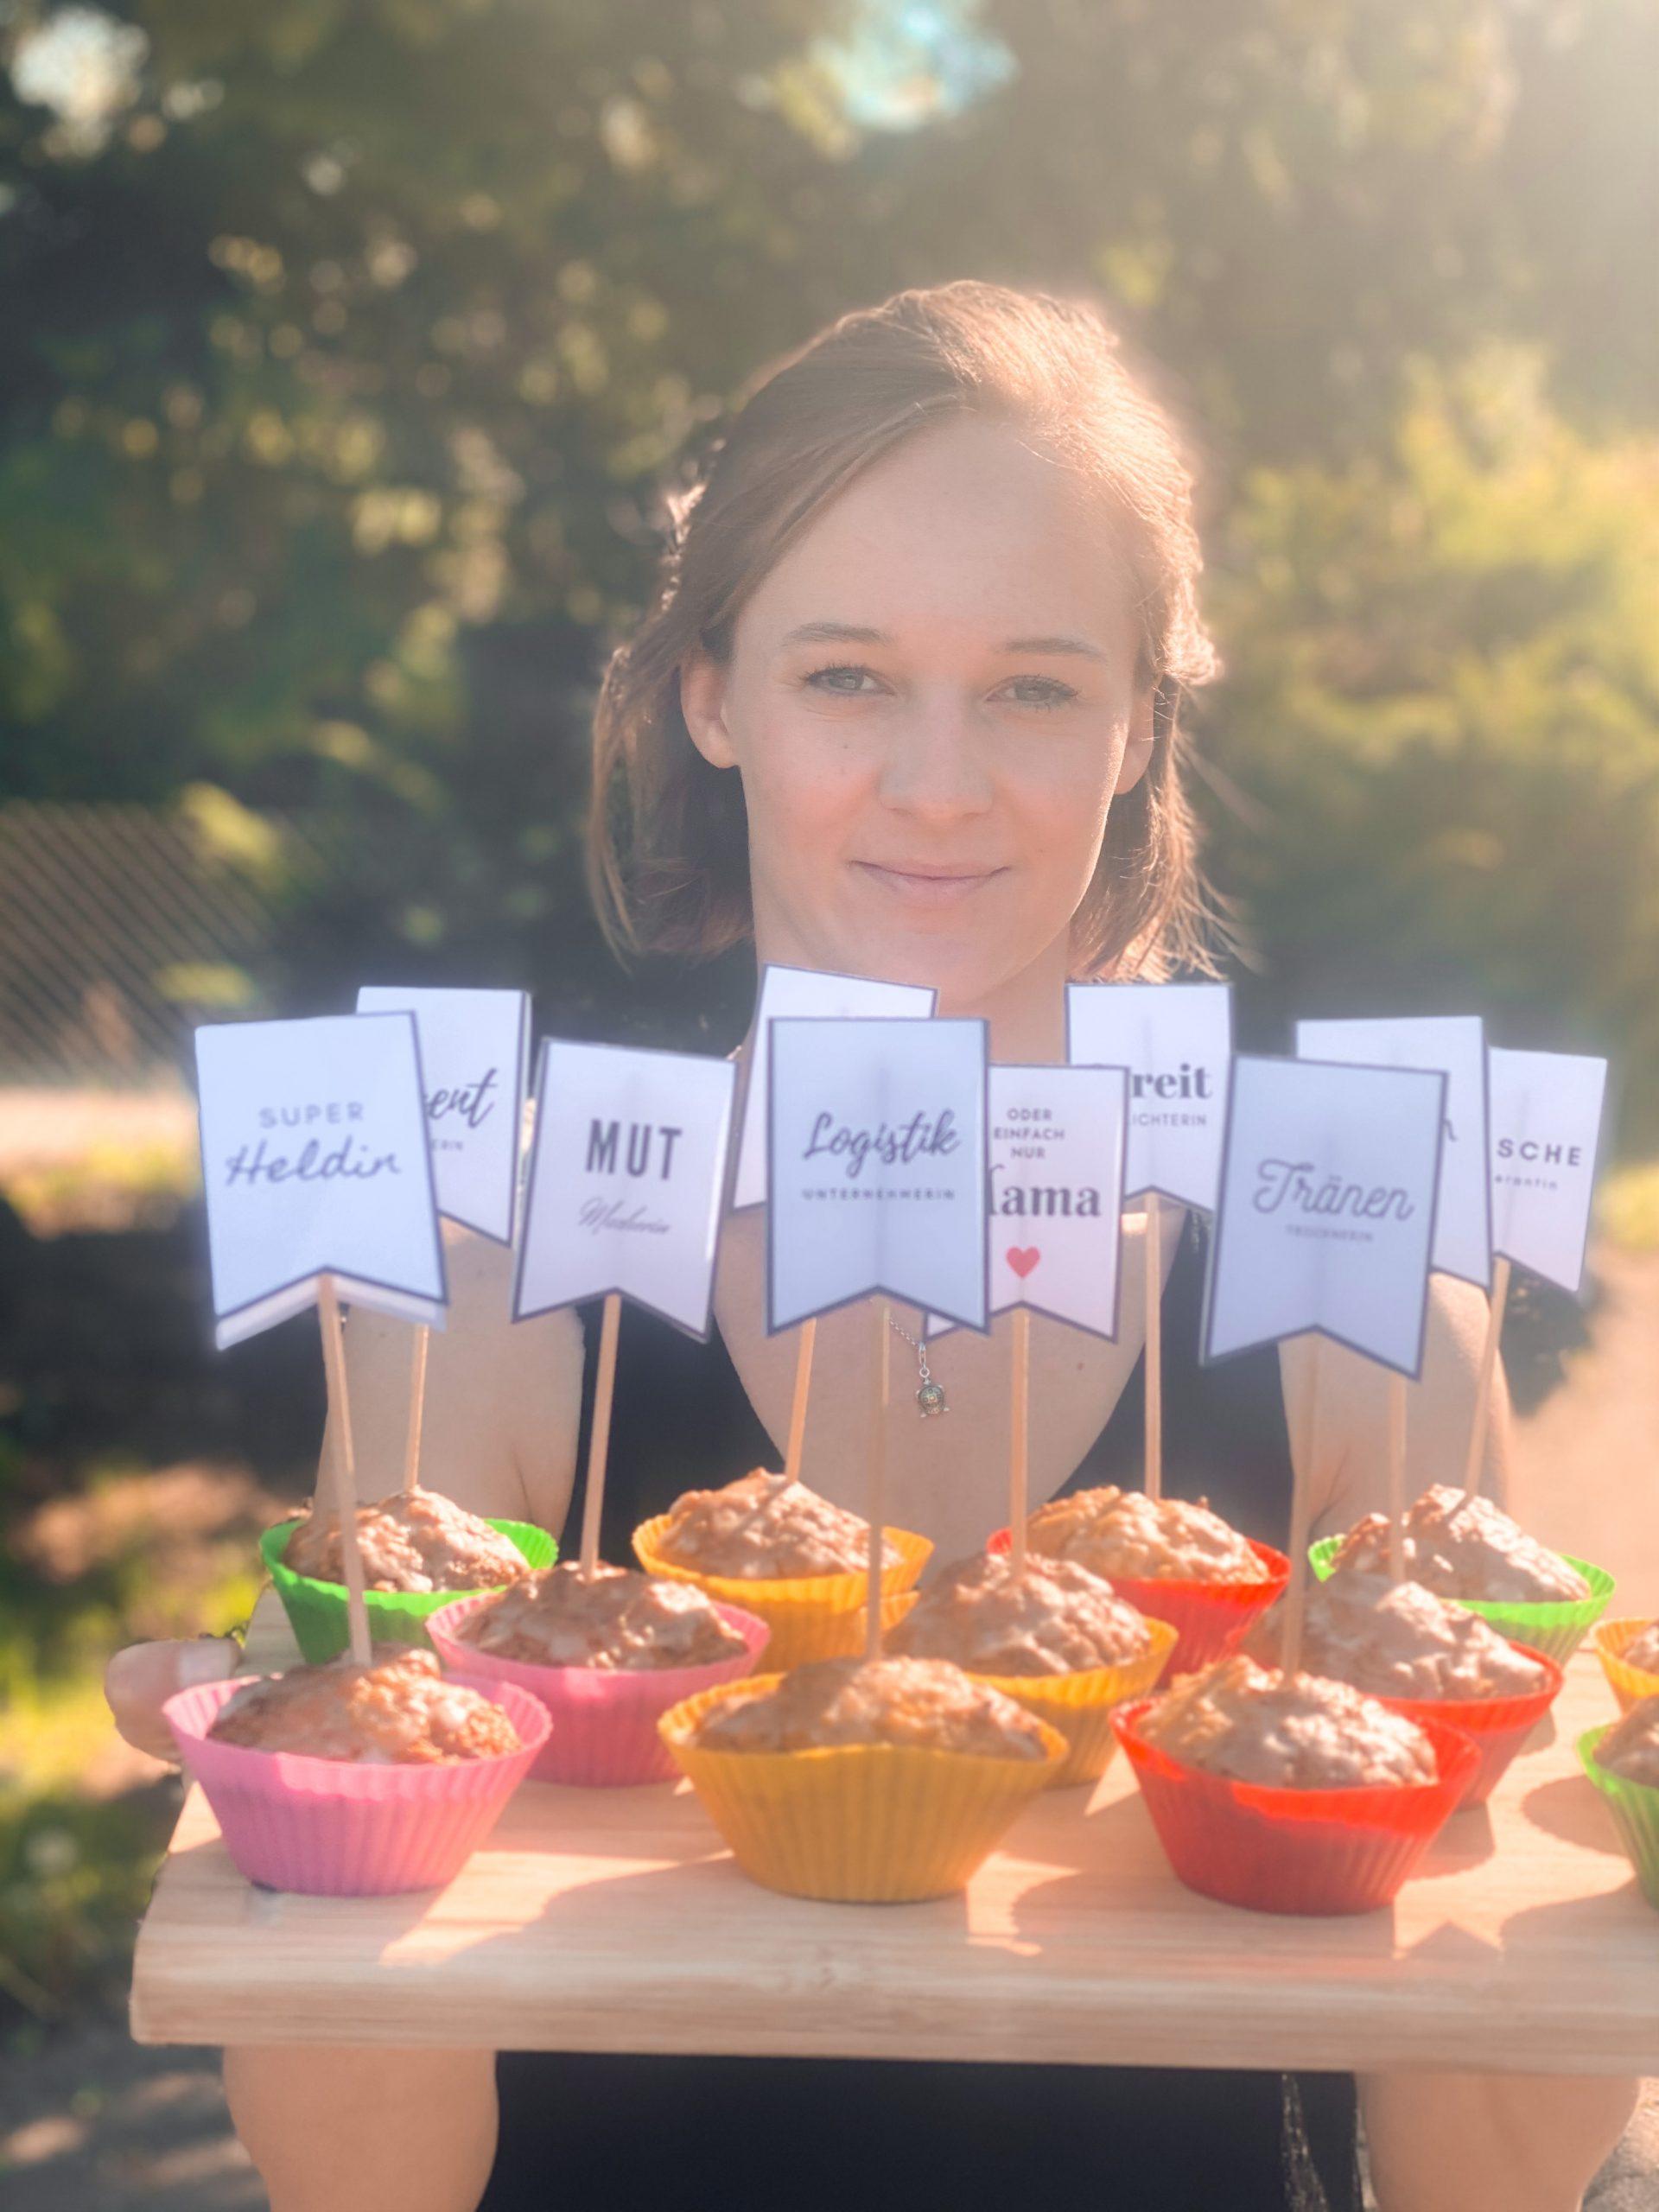 Tablet mit dekorierten Muffins zum Muttertag.